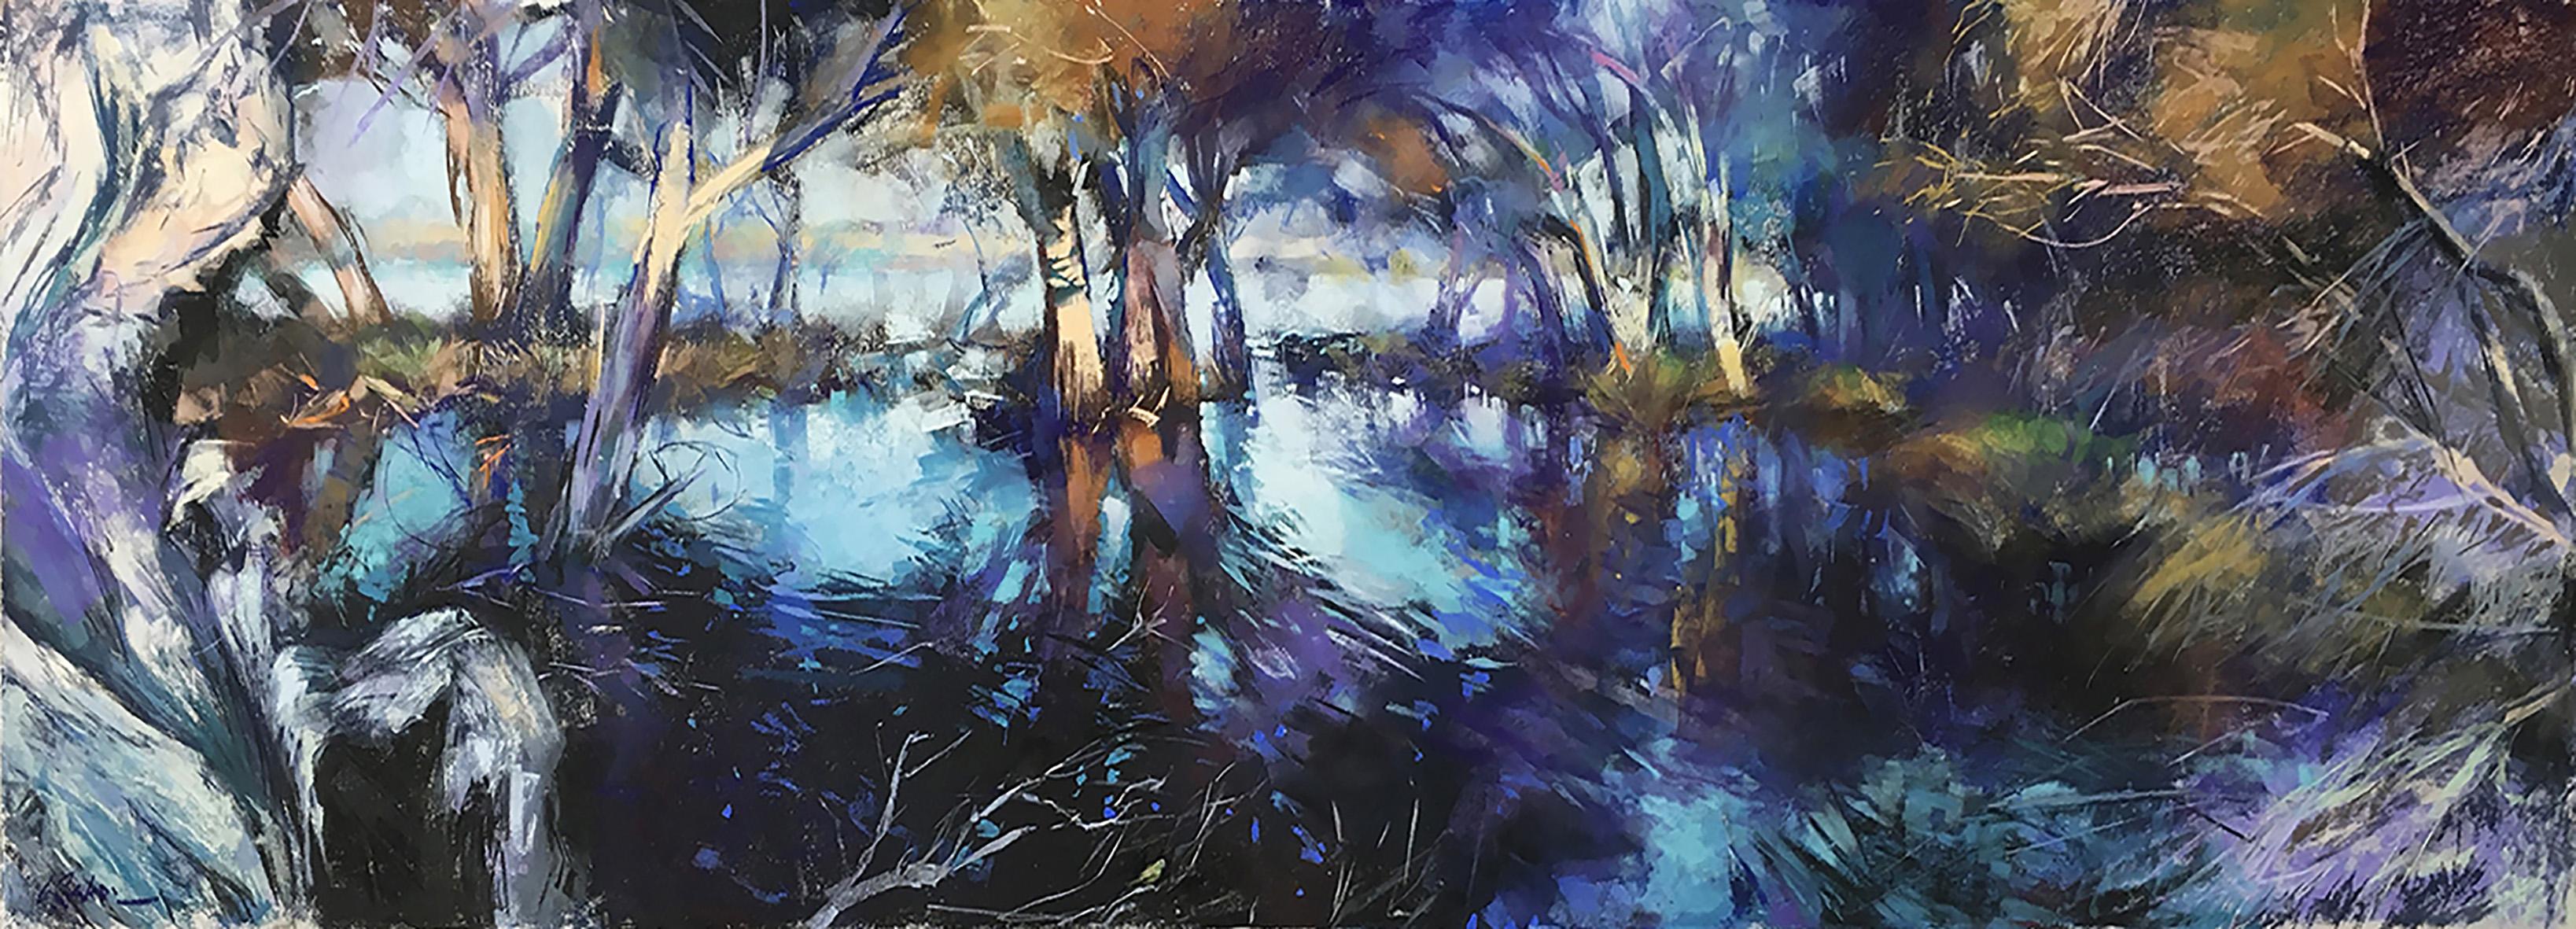 Greg Baker - The Light Garden (pastel on board 53 x 150cm) SOLD